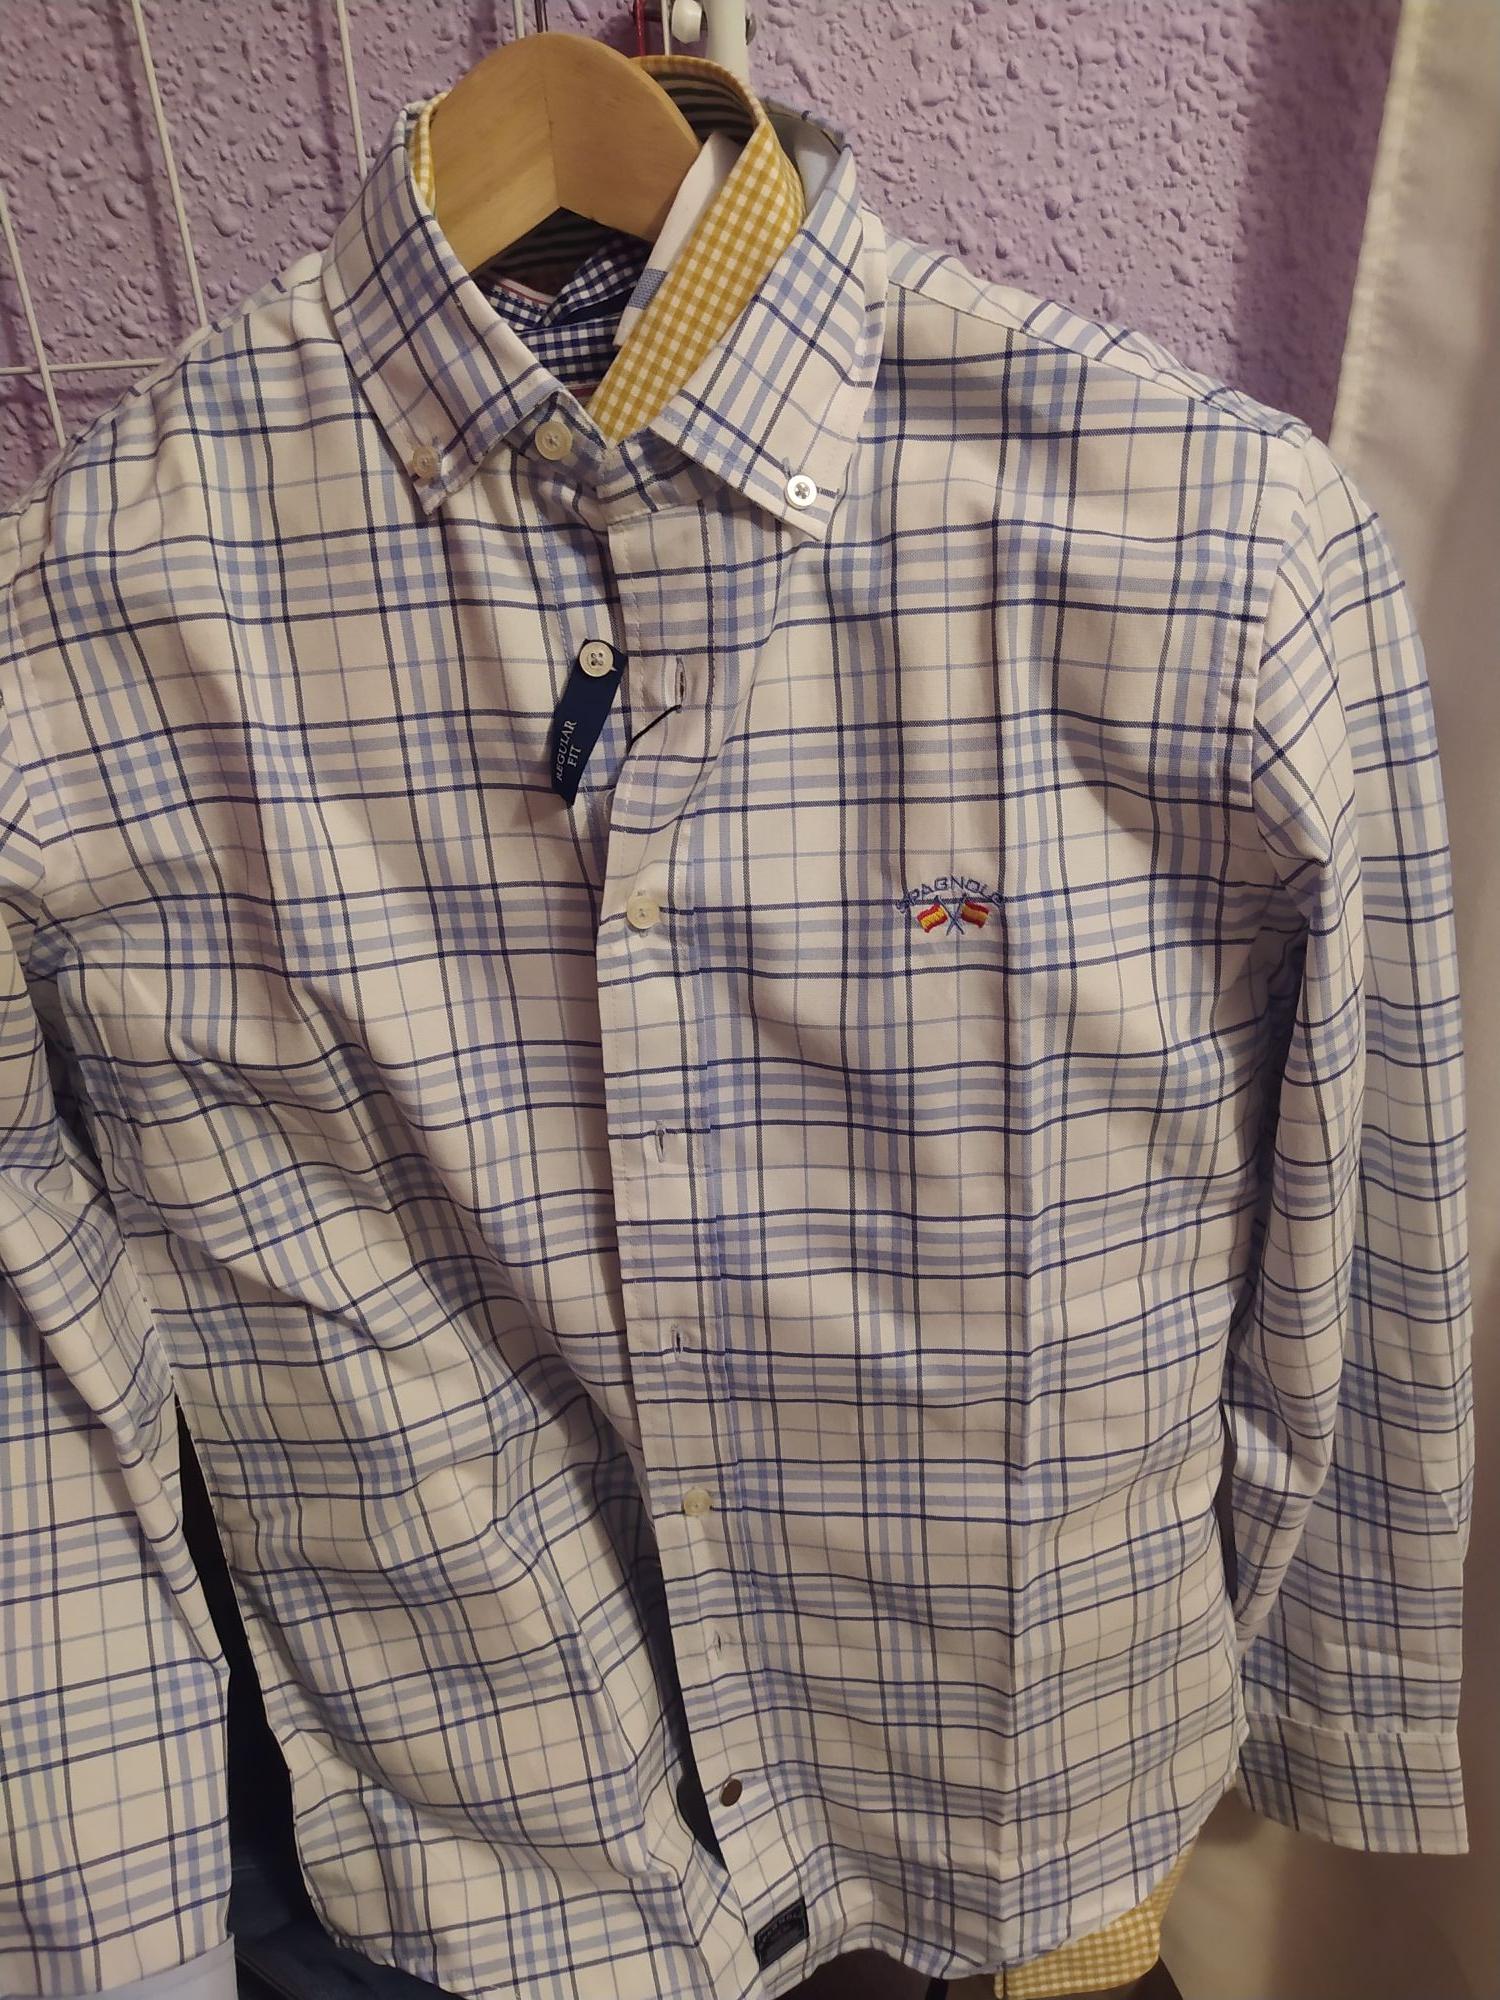 Camisas spagnolo tallas s y xs 2x1